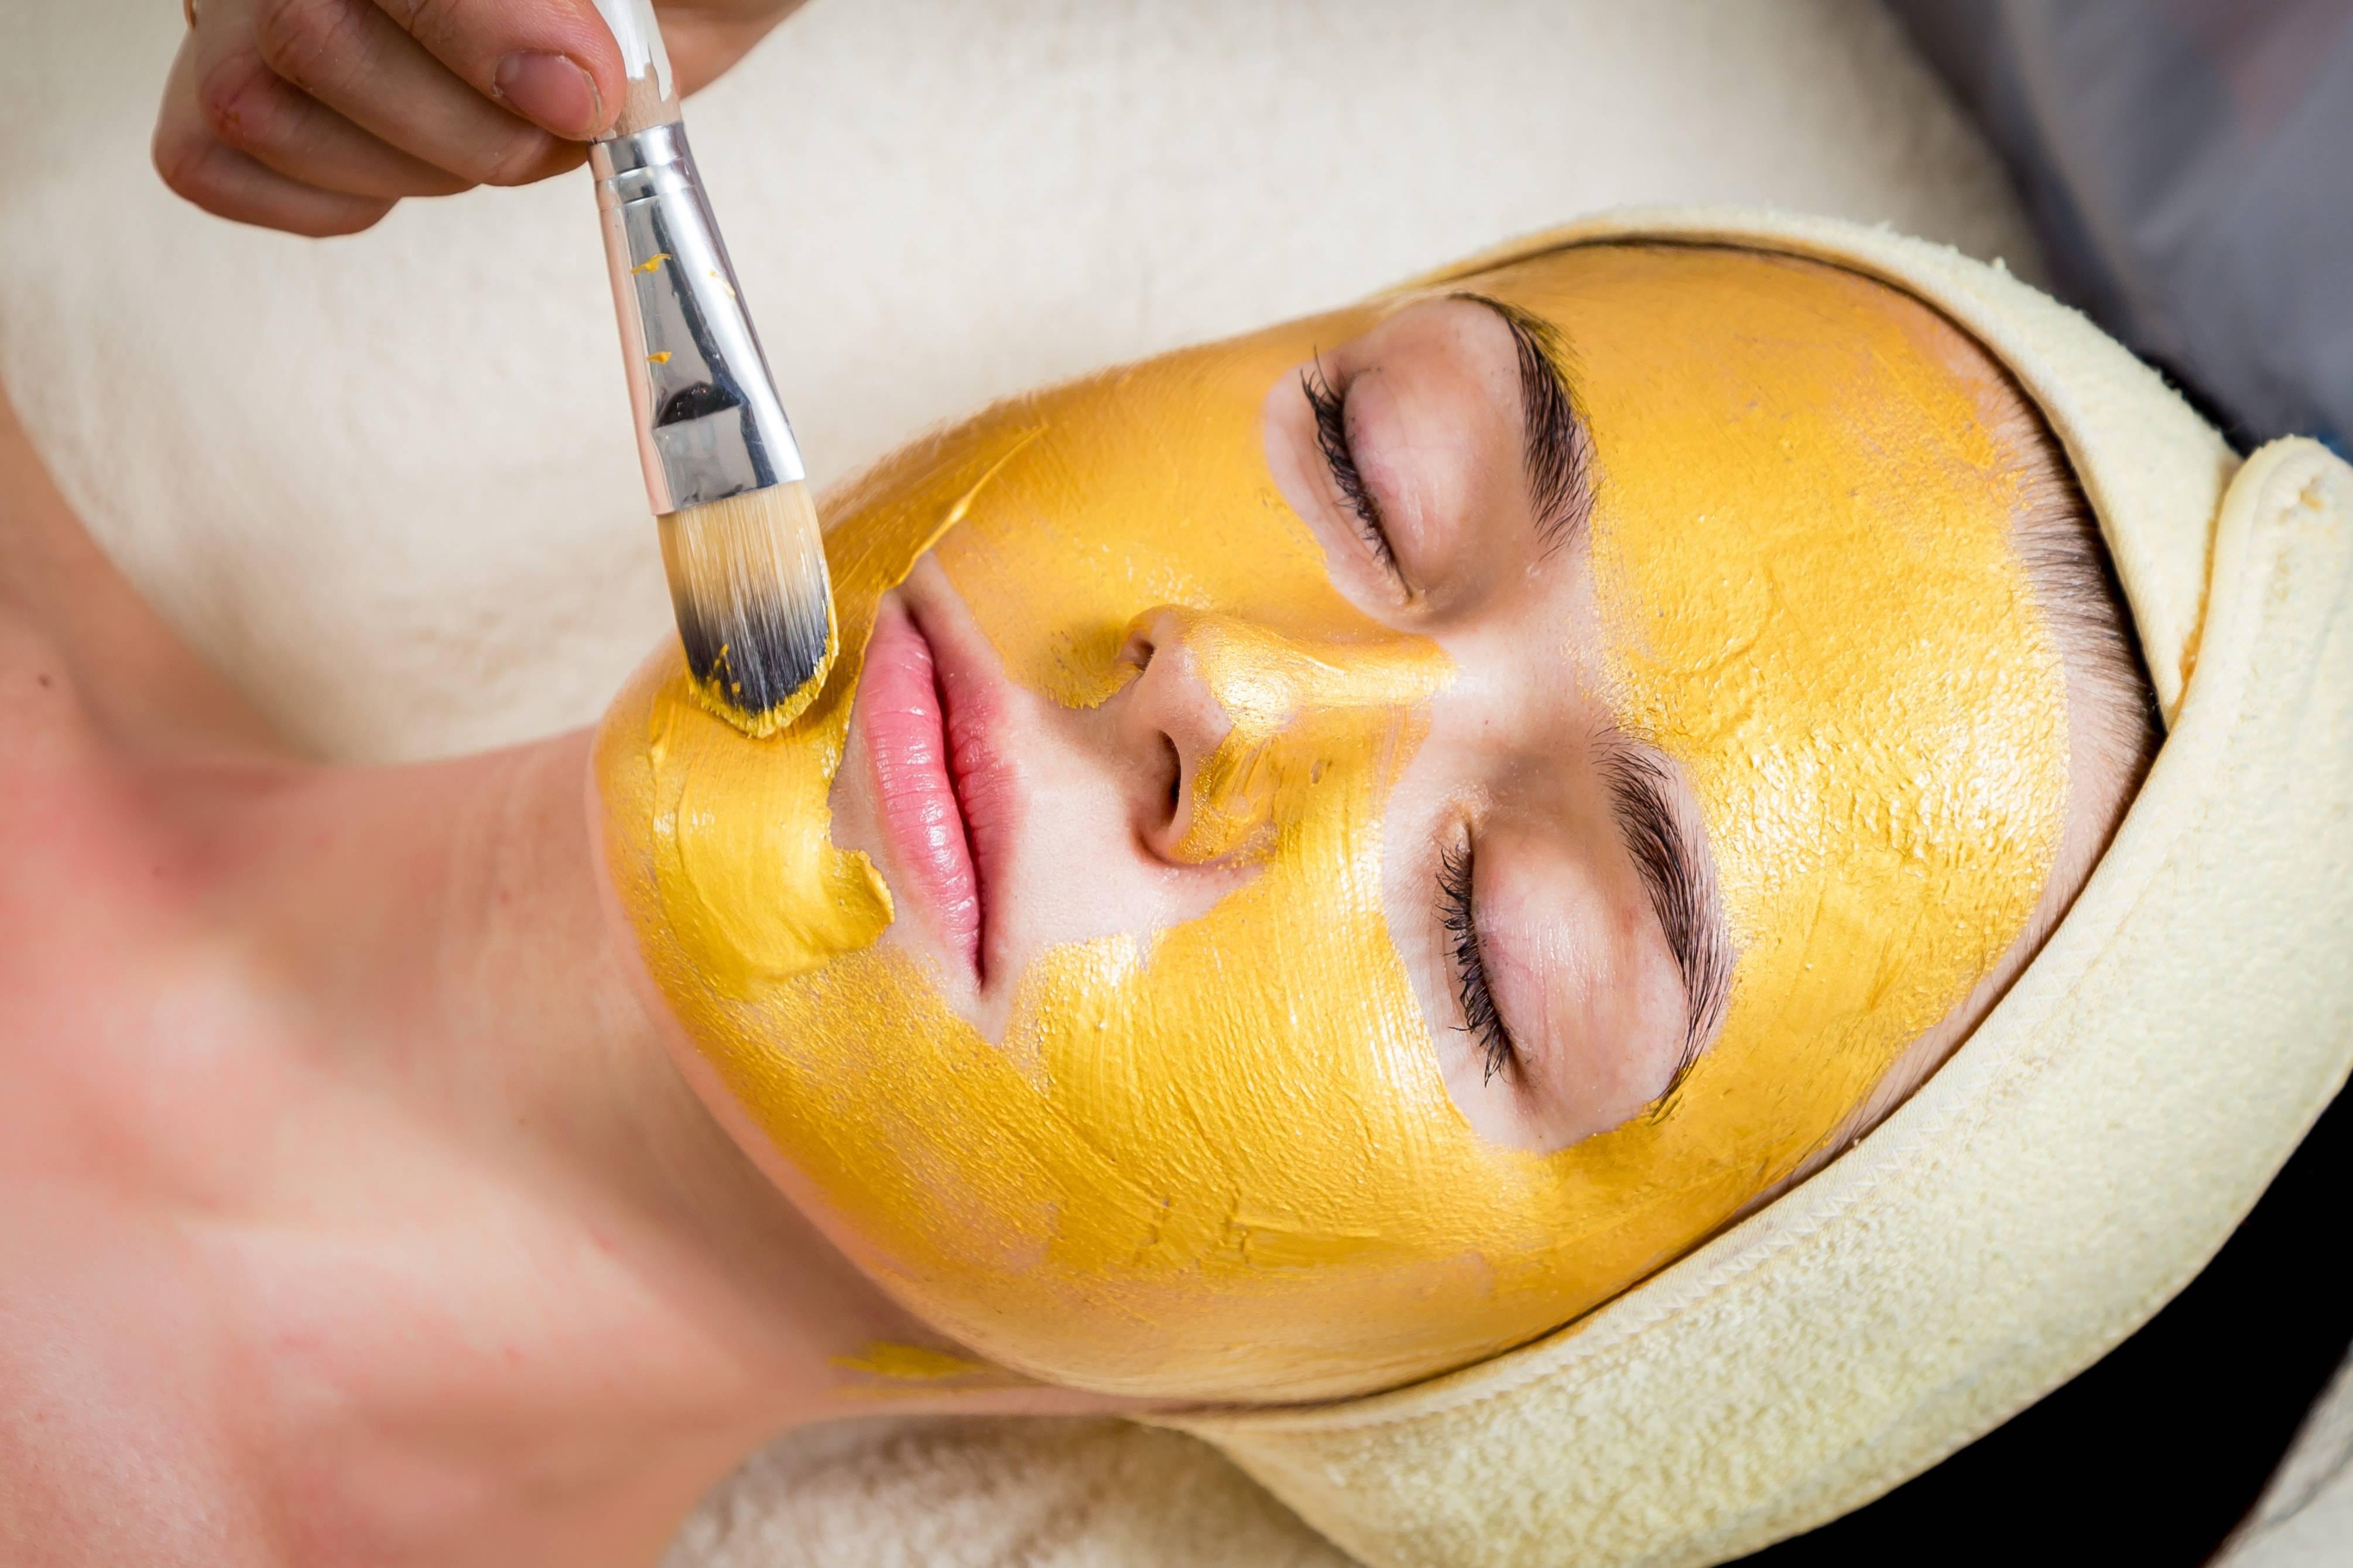 Маски из тыквы для лица в домашних условиях: полезные свойства для кожи. народные рецепты масок из тыквы для лица в домашних условиях